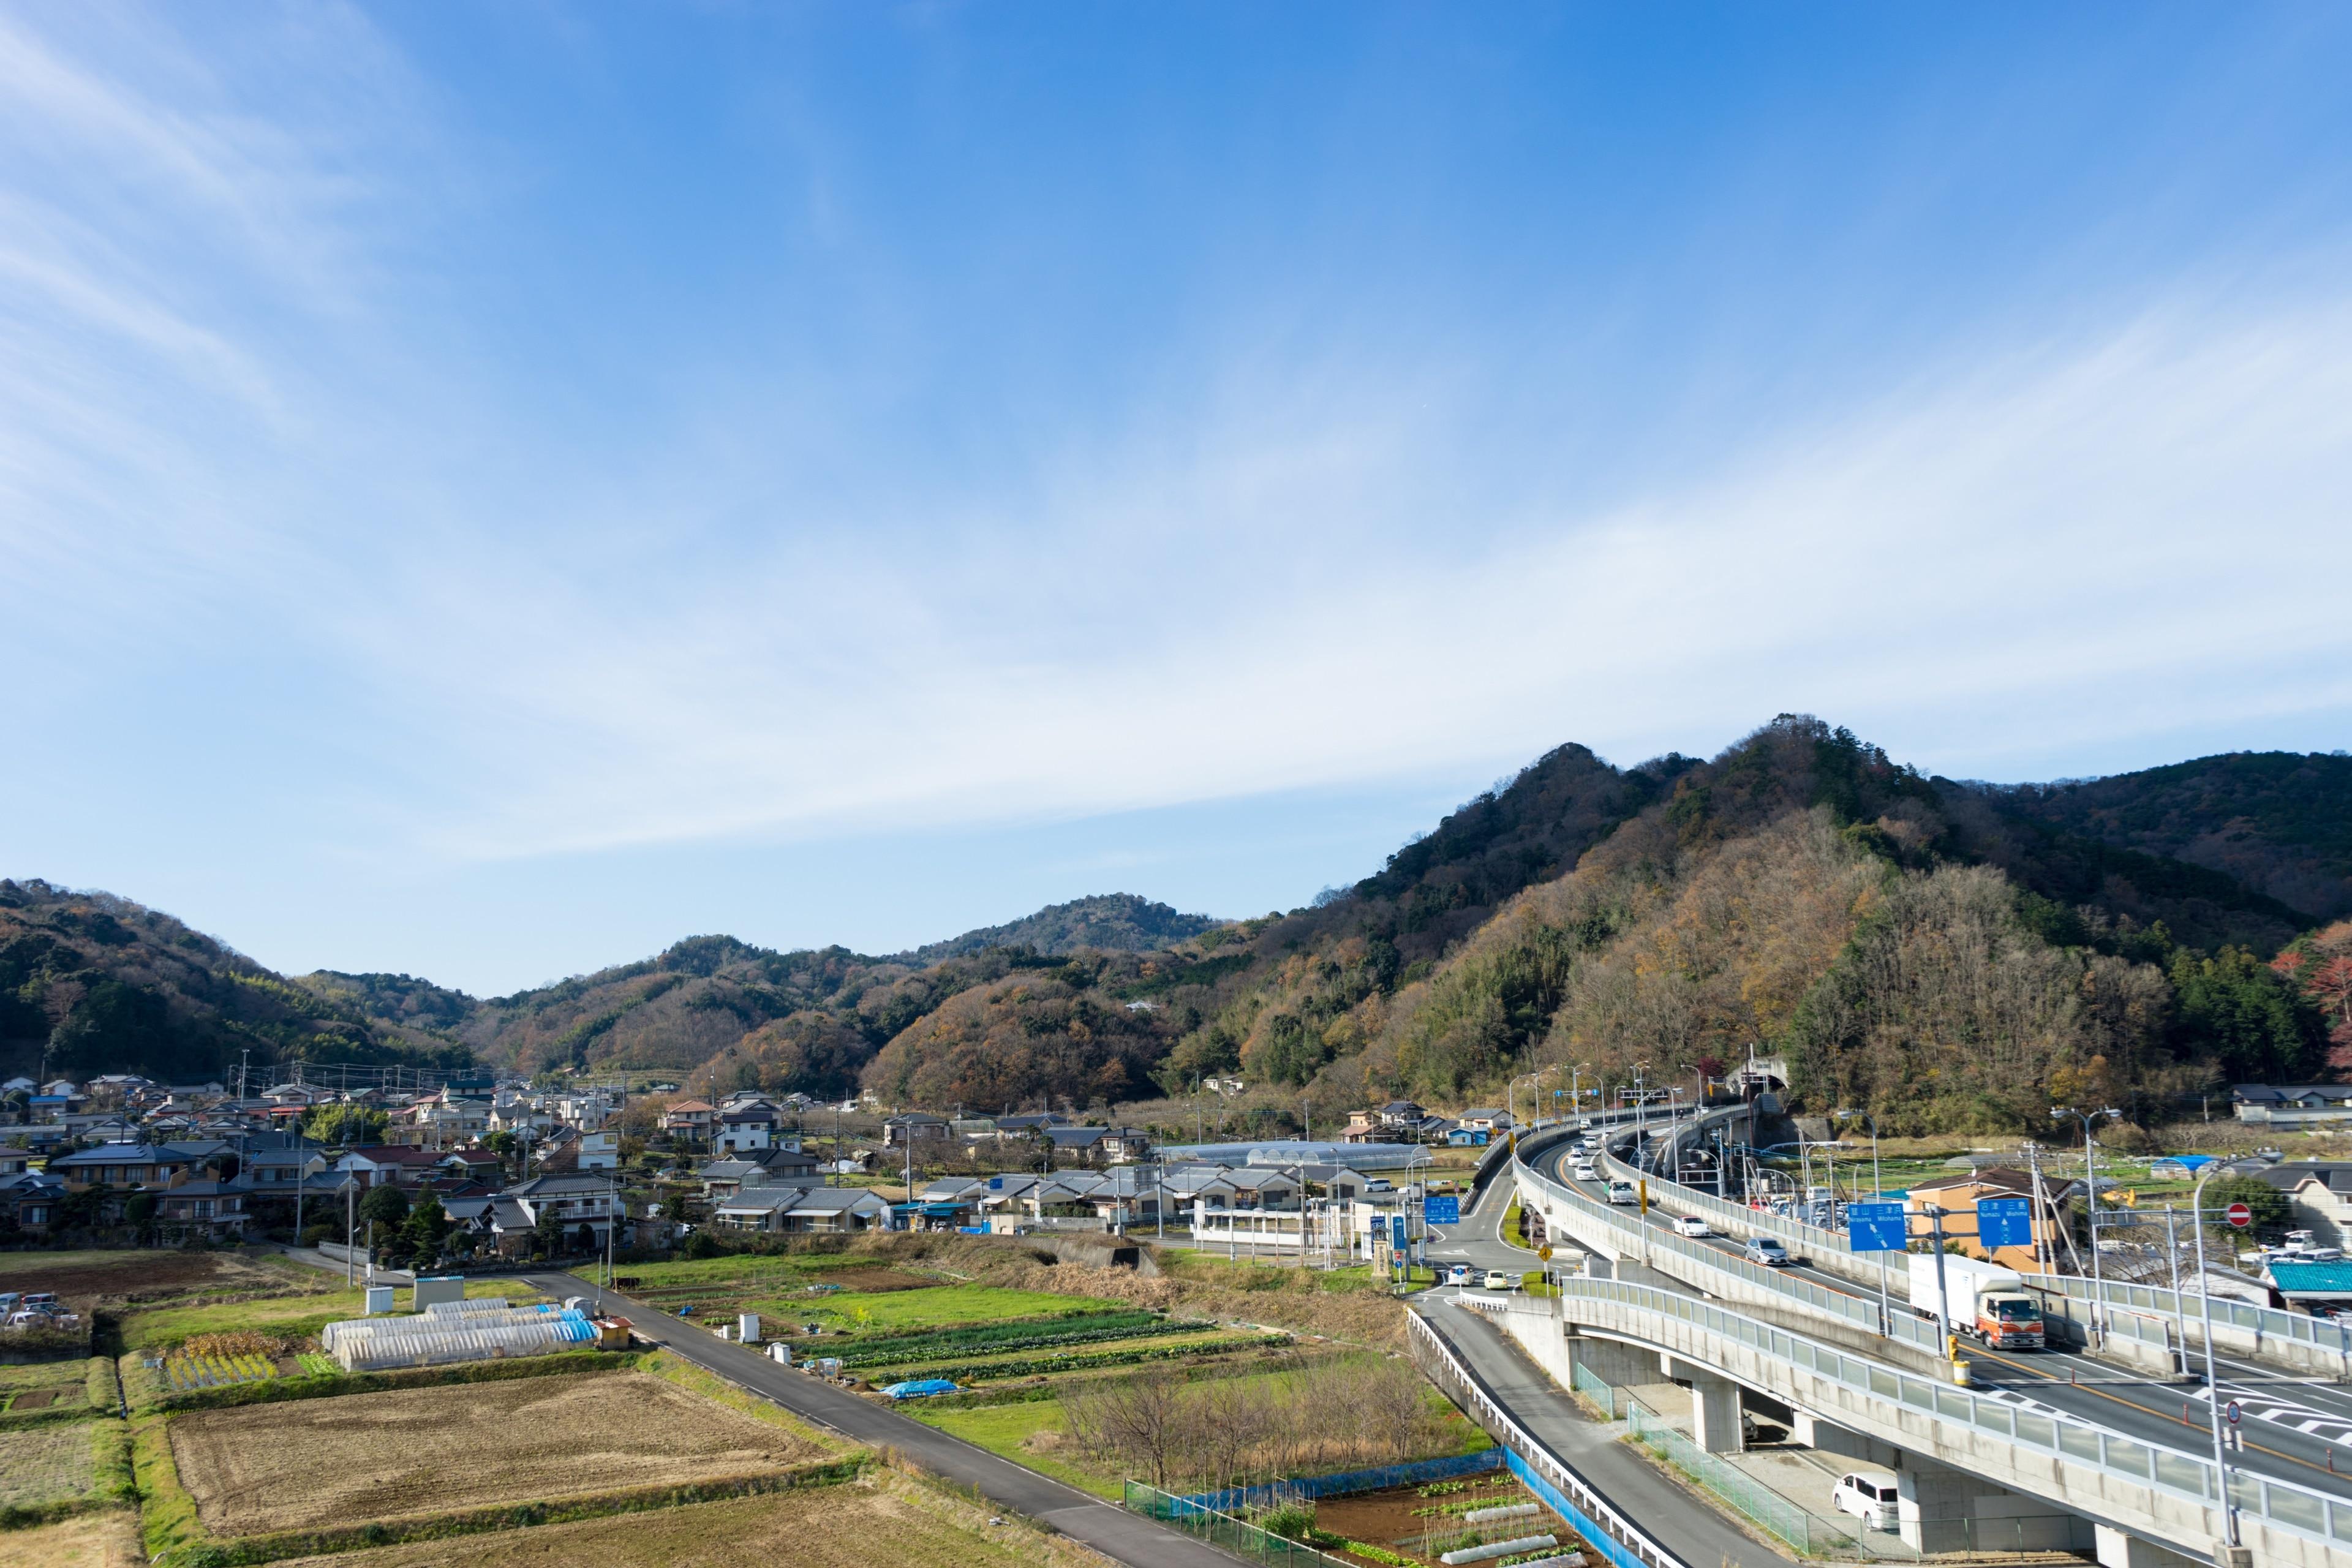 Izunokuni, Shizuoka Prefecture, Japan